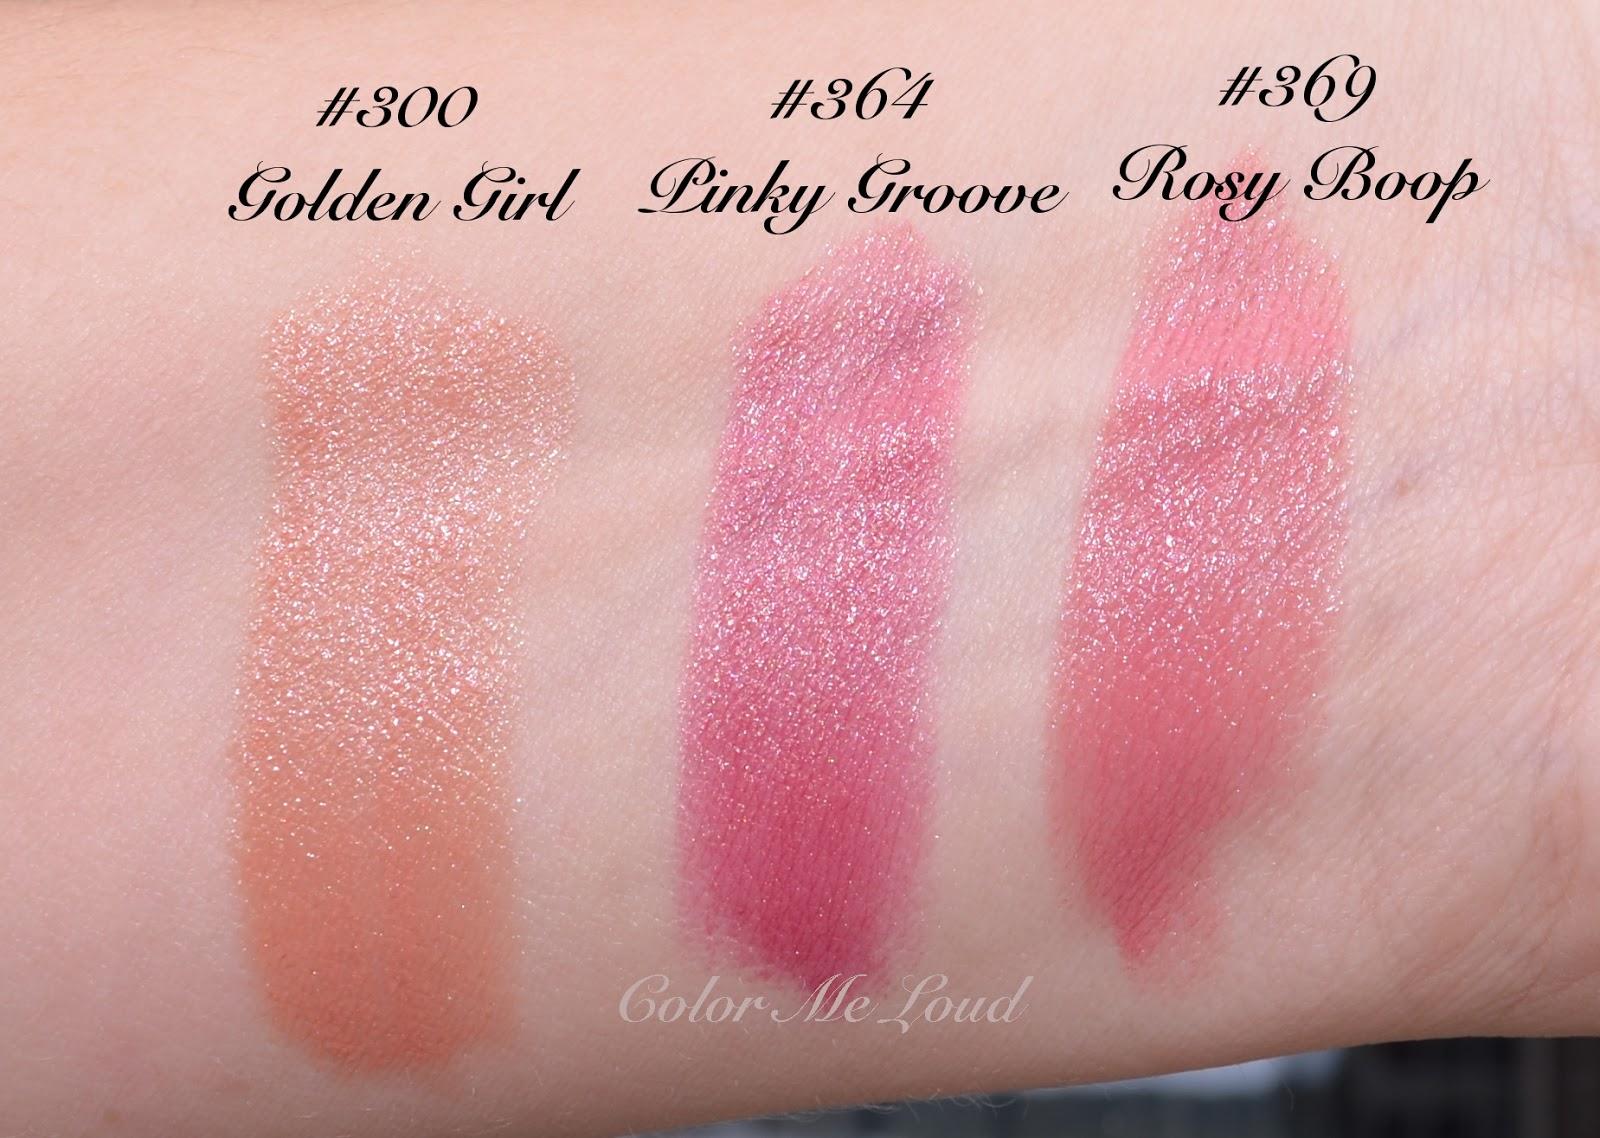 Guerlain Kiss Kiss Lipsticks  300 Golden Girl 9e65cda2fc